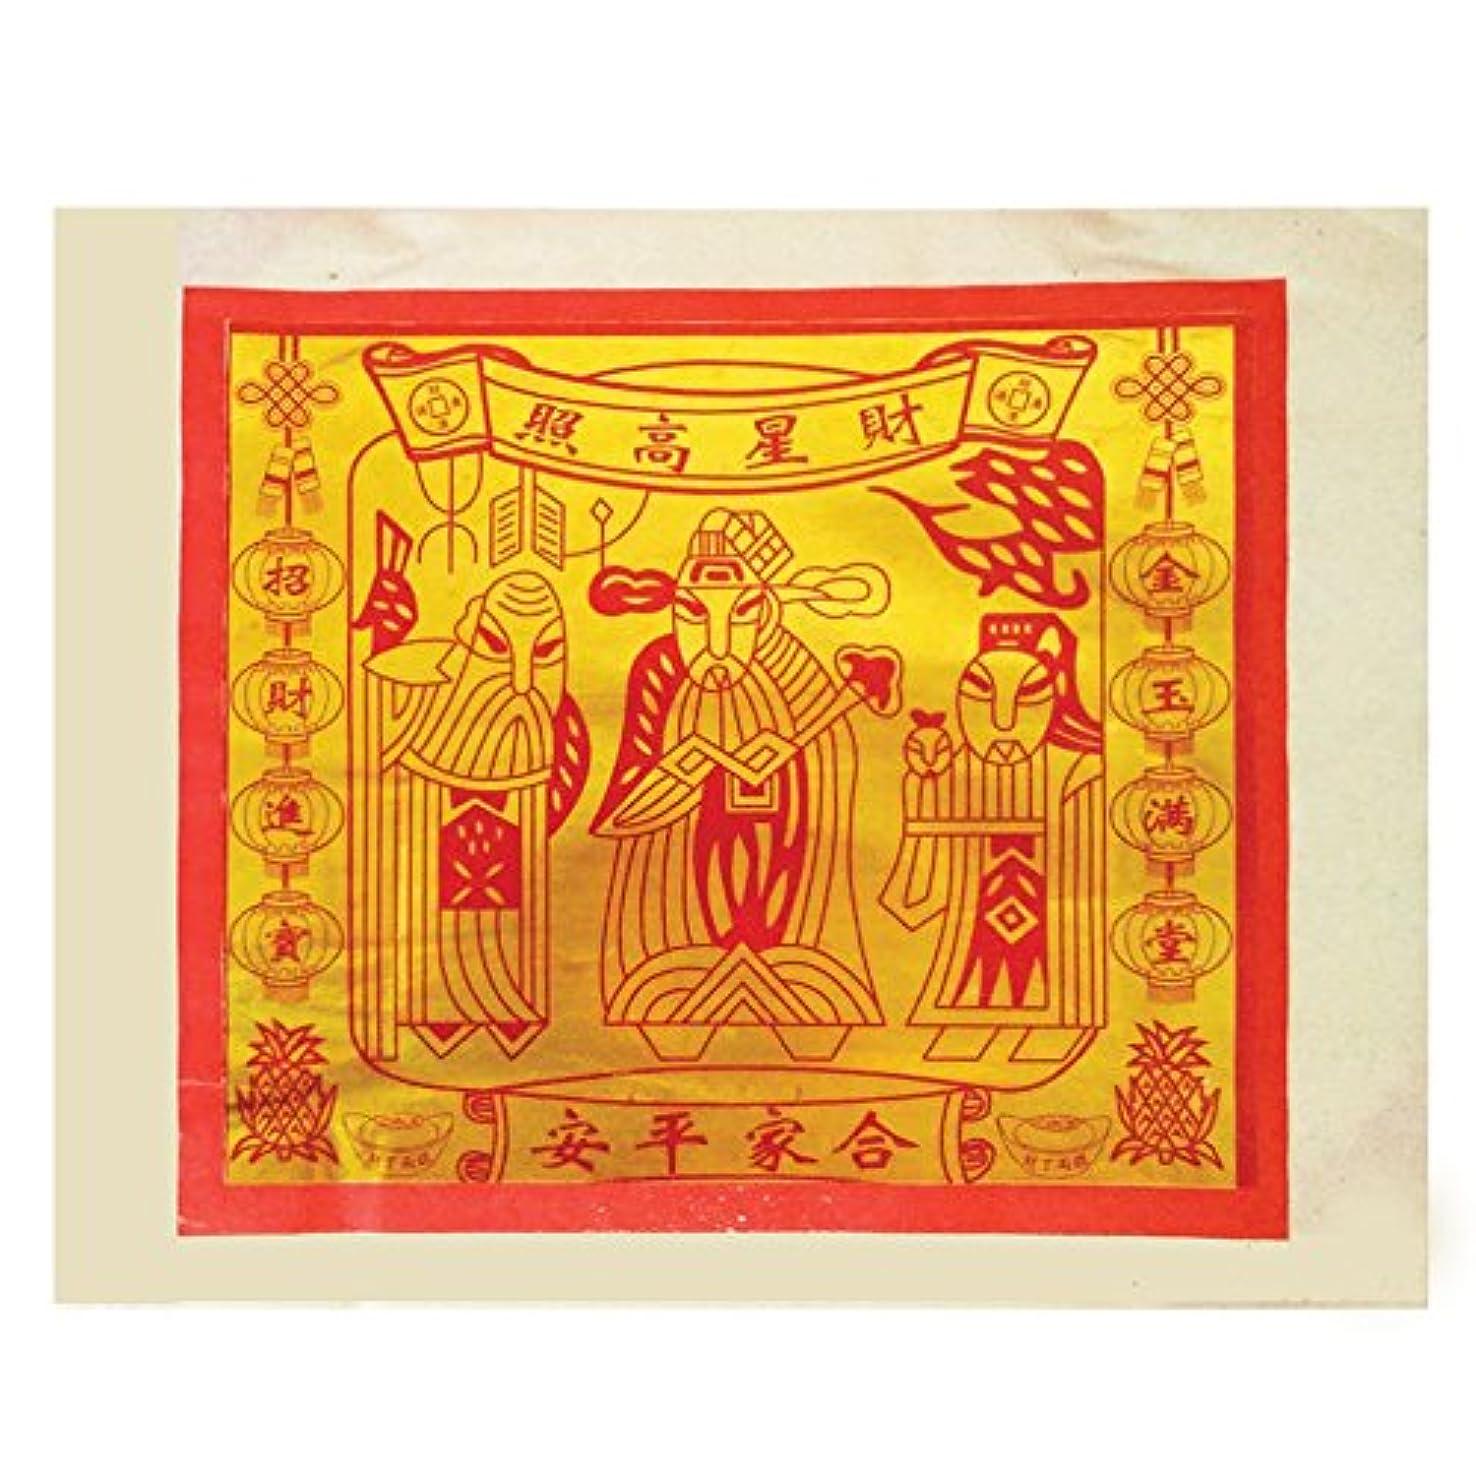 方向啓発する再生的80pcs Incense用紙/ Joss用紙with Gold Foil ( Mediumサイズ) 10.6インチx 10.4インチ